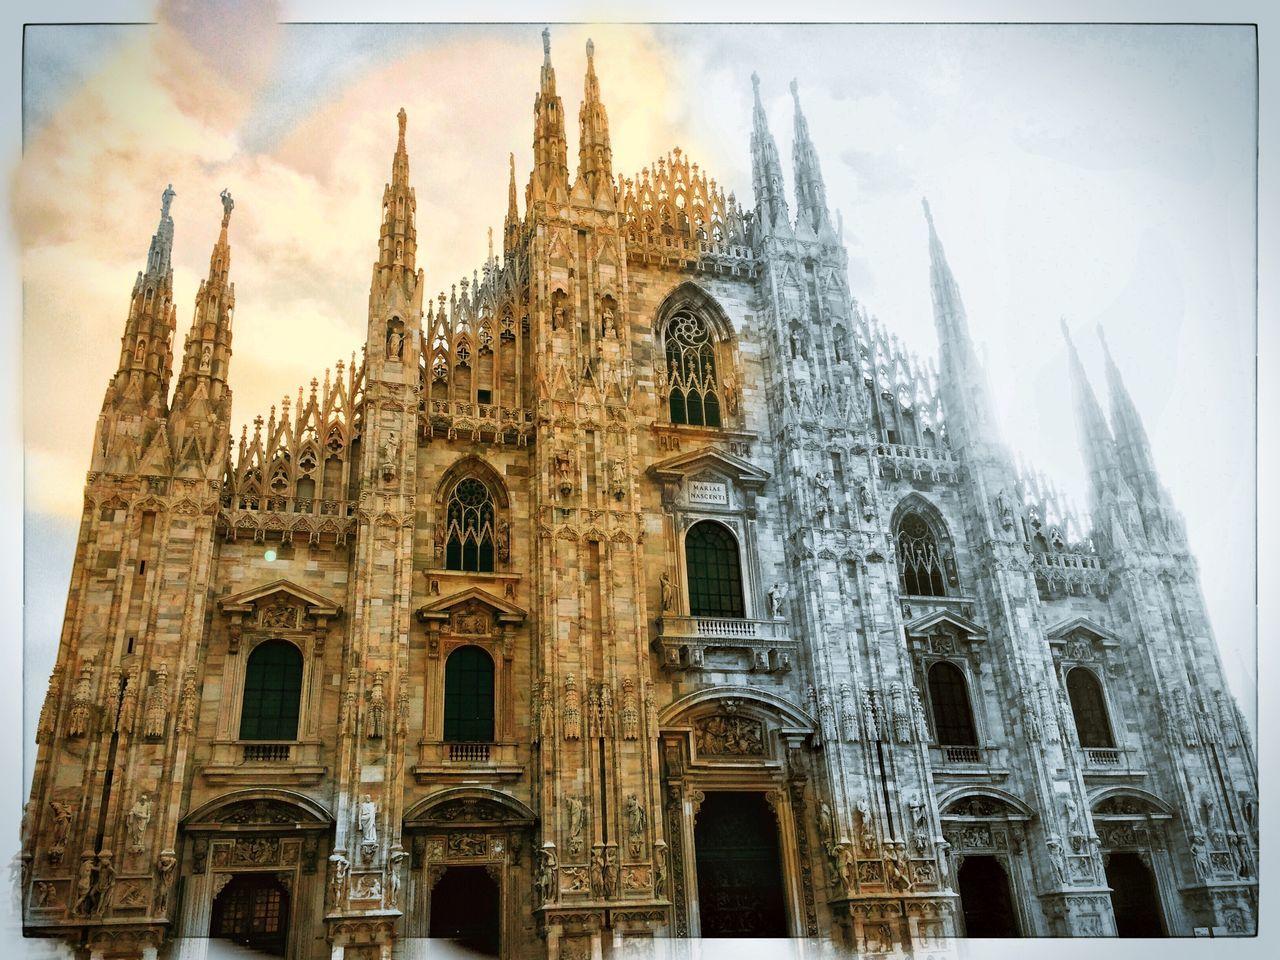 Duomo di Milano First Eyeem Photo Duomo Di Milano Duomo Milano Milan Italy Italia Blackandwhite Black And White Black & White Colors Colorful Taking Photos Photography Church Showcase: November